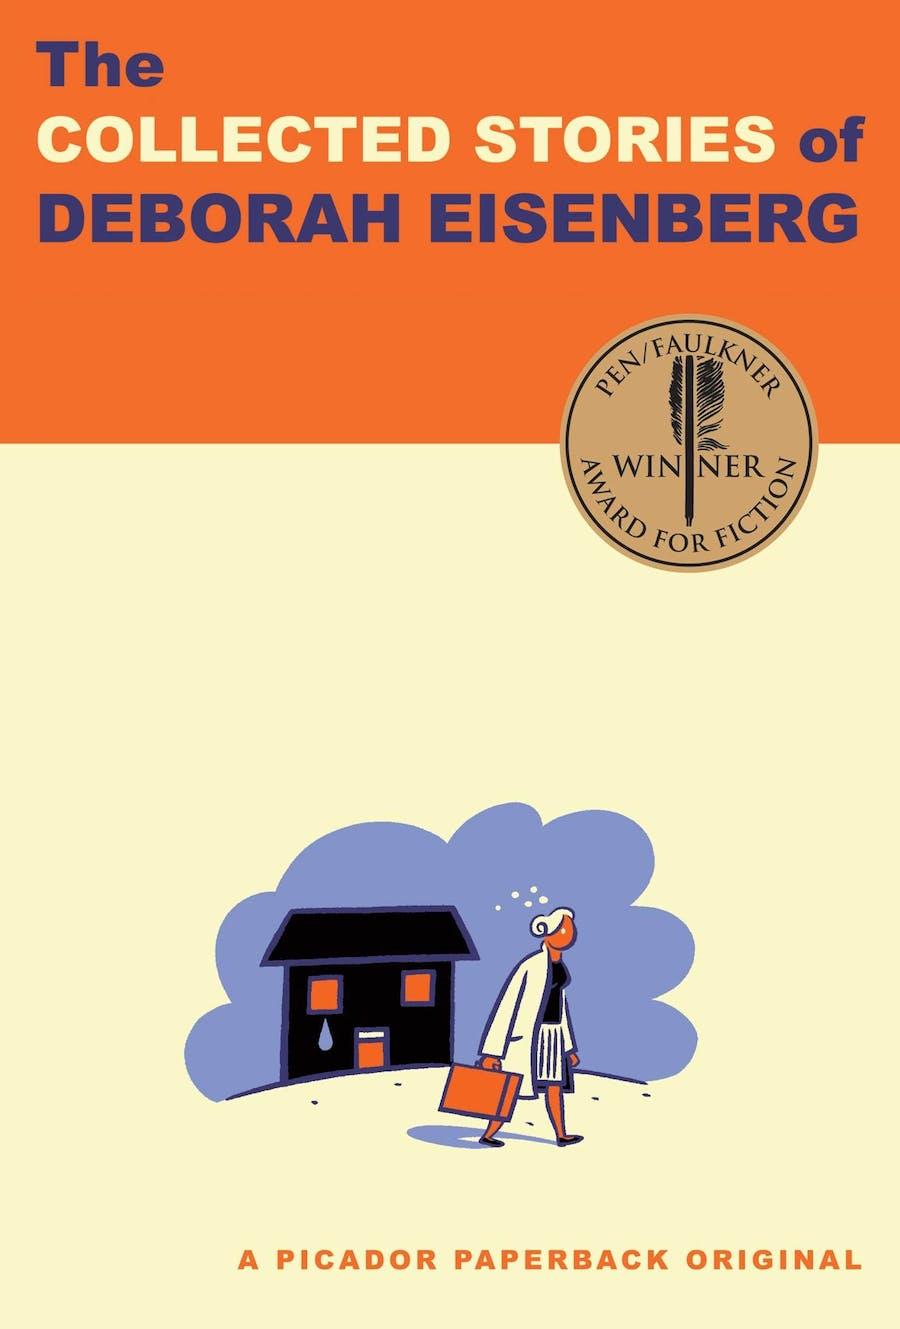 Collected Stories of Deborah Eisenberg by Deborah Eisenberg